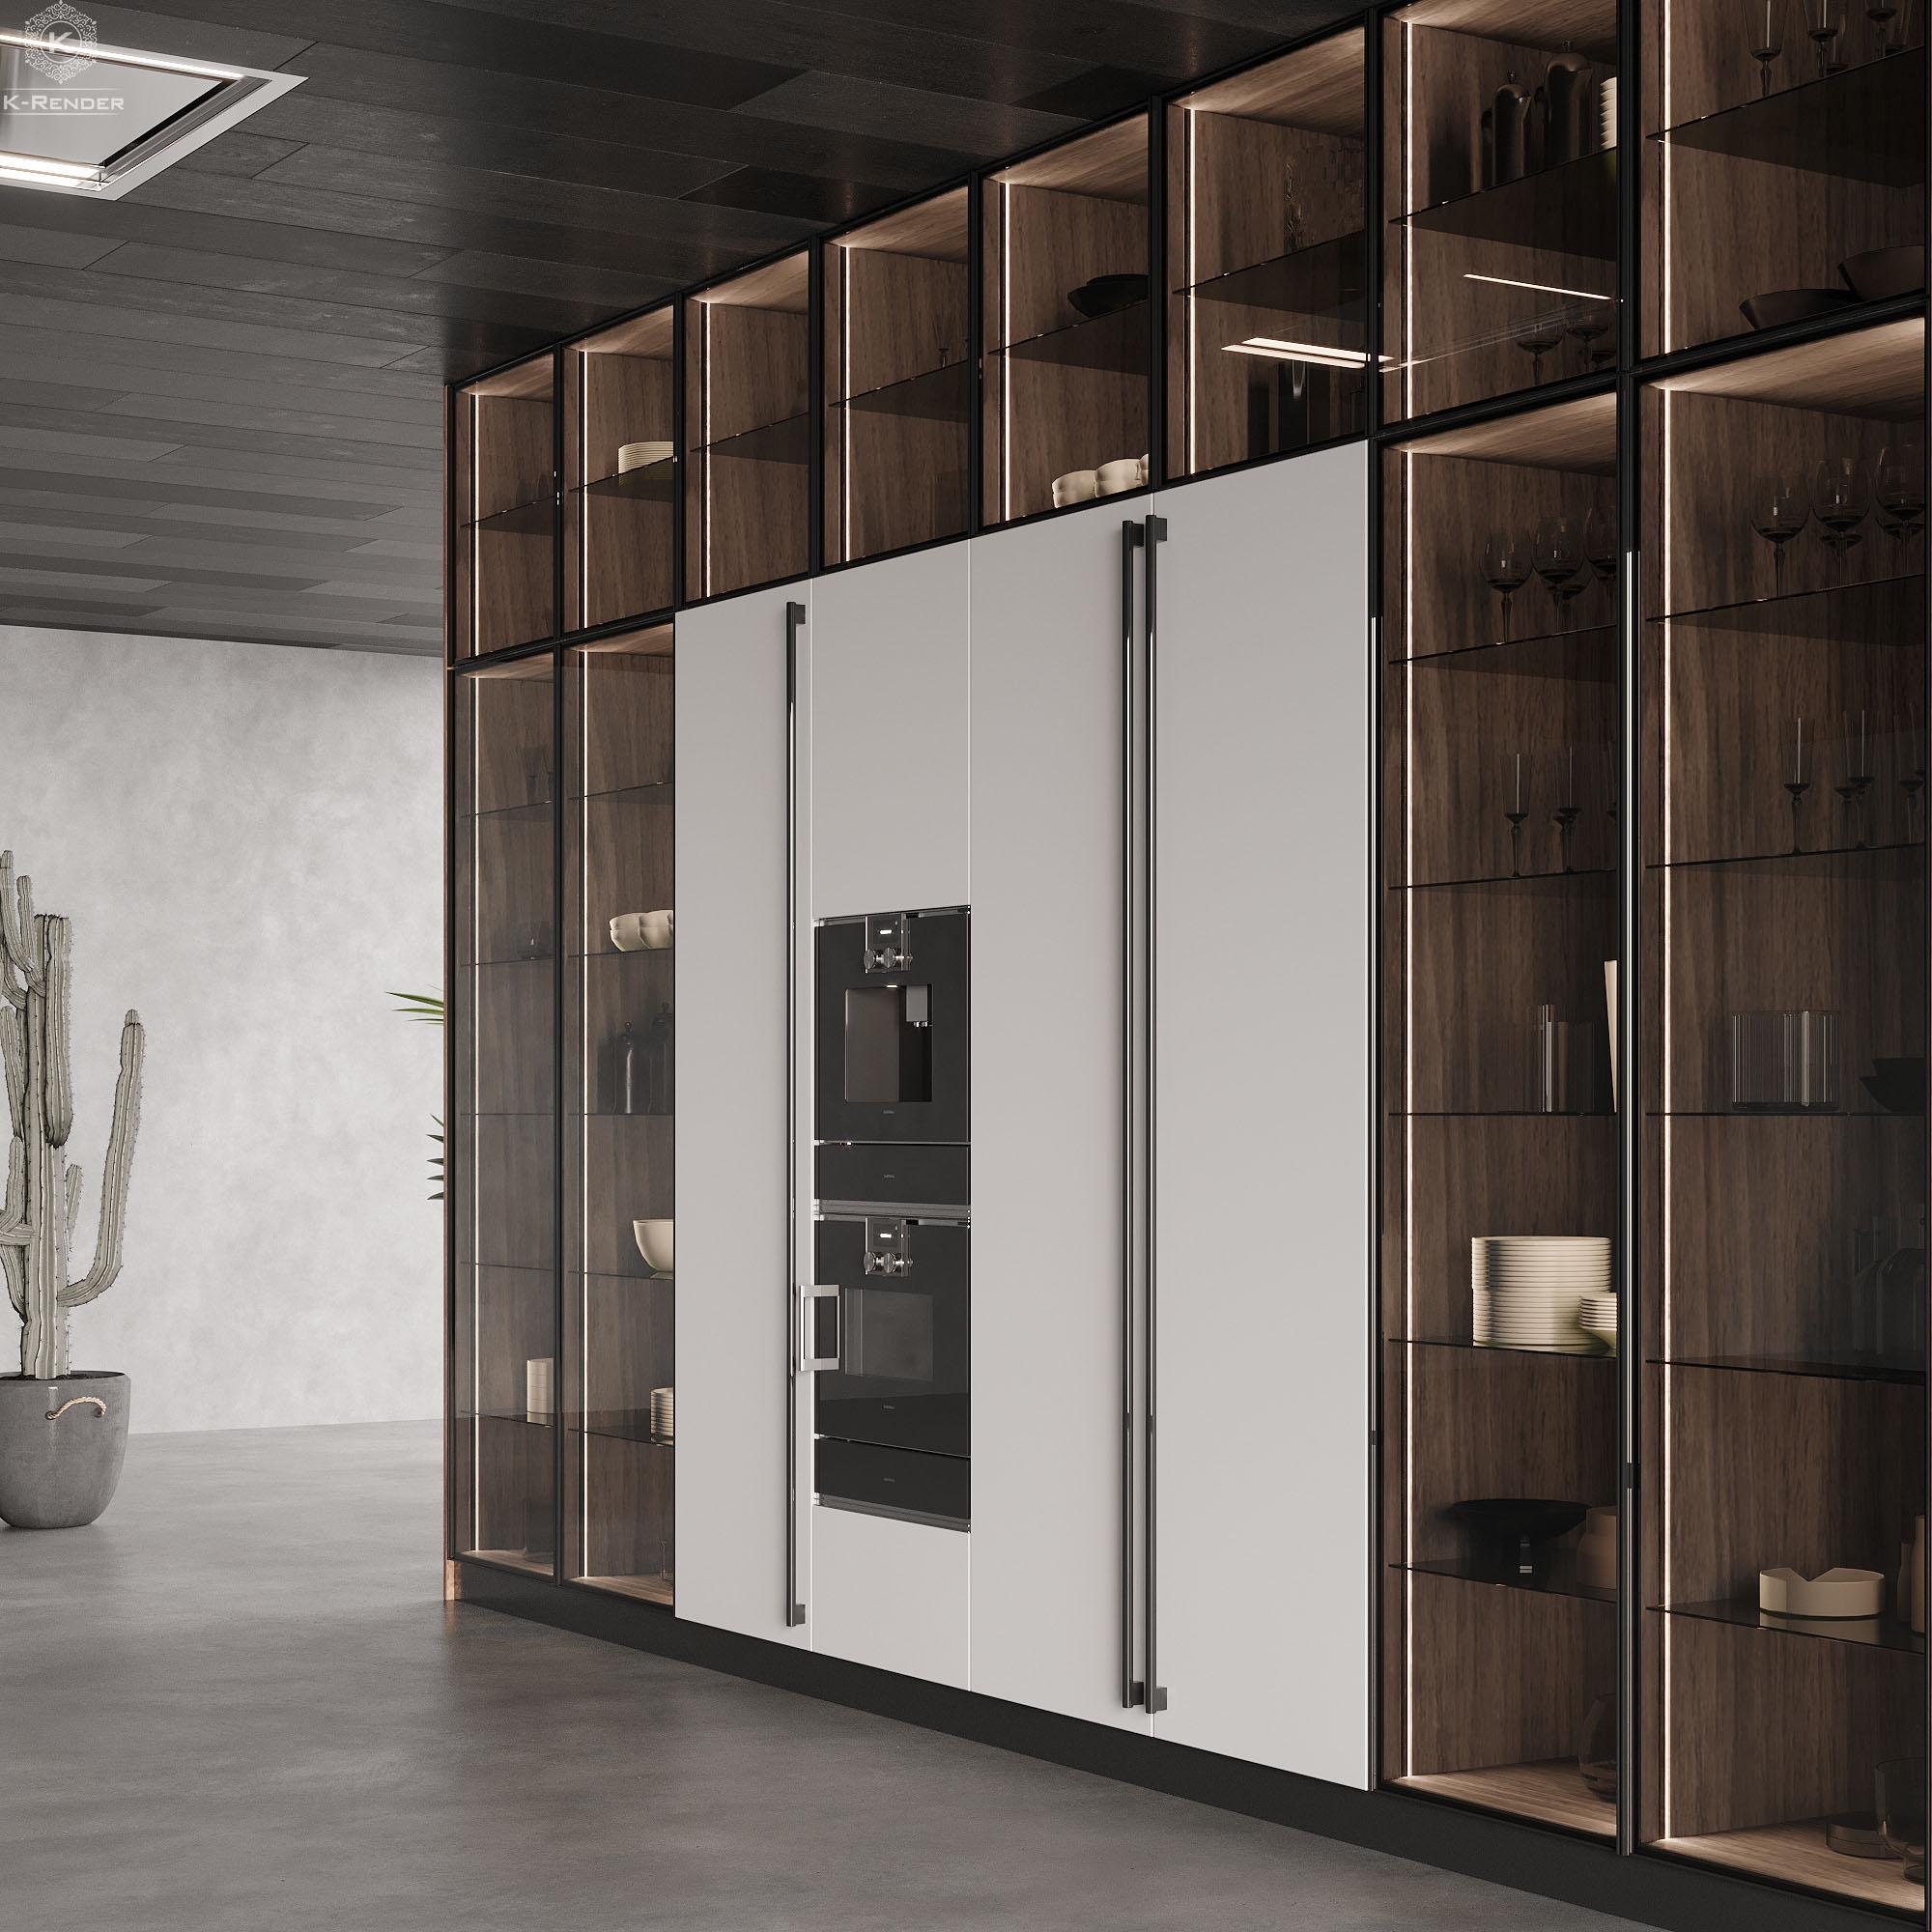 the-di-interni-project-krender-studio-4